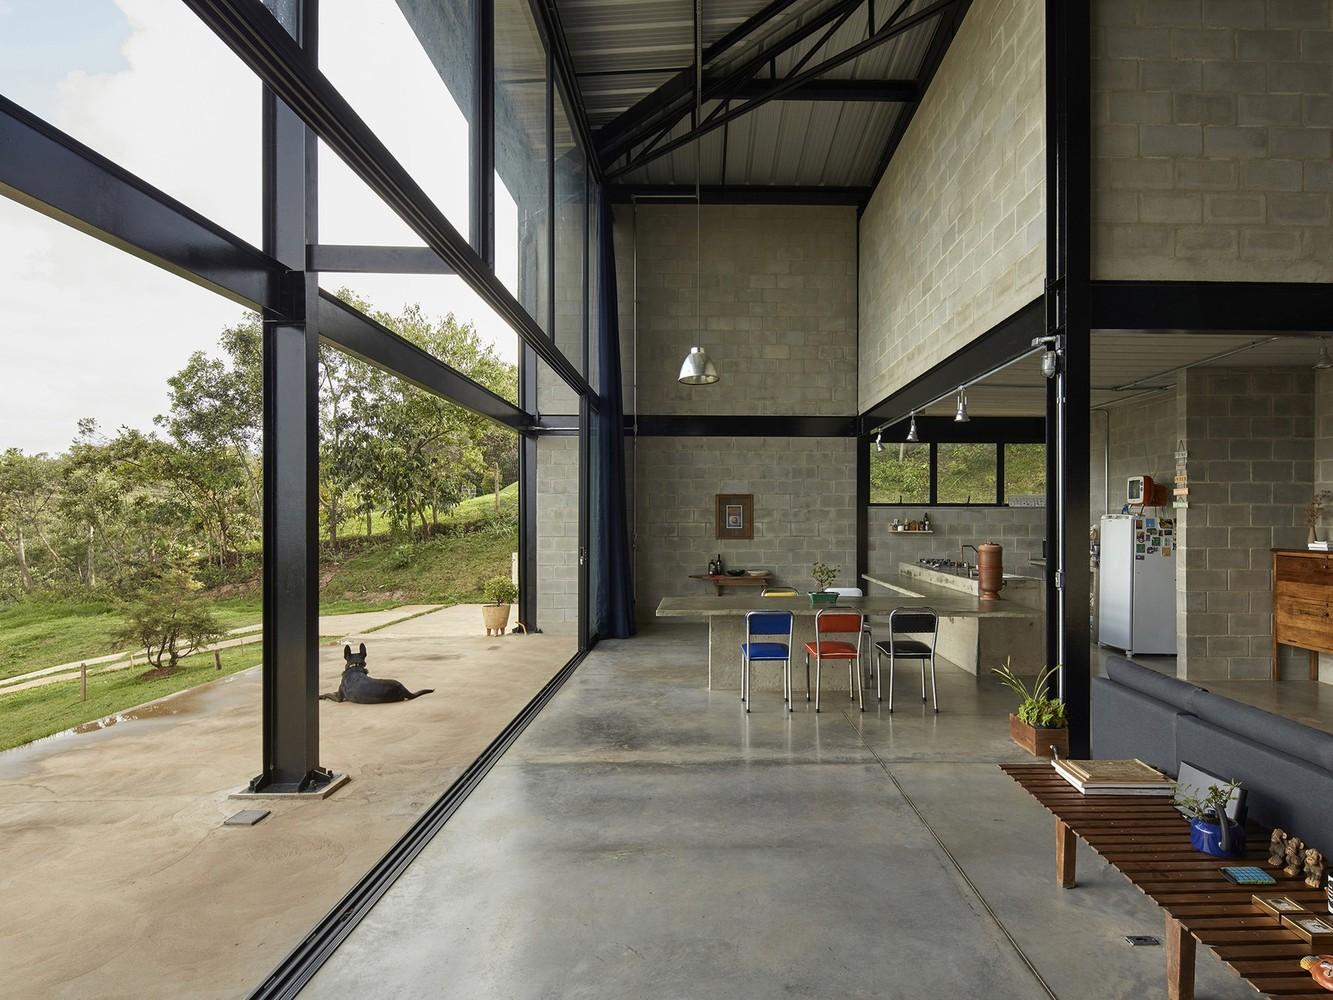 Tendencias en diseño y construcción del 2020: Lo recurrente, popular, relevante y sustancial,Shed House / Marcos Franchini + Nattalia Bom Conselho. Image © Jomar Bragança